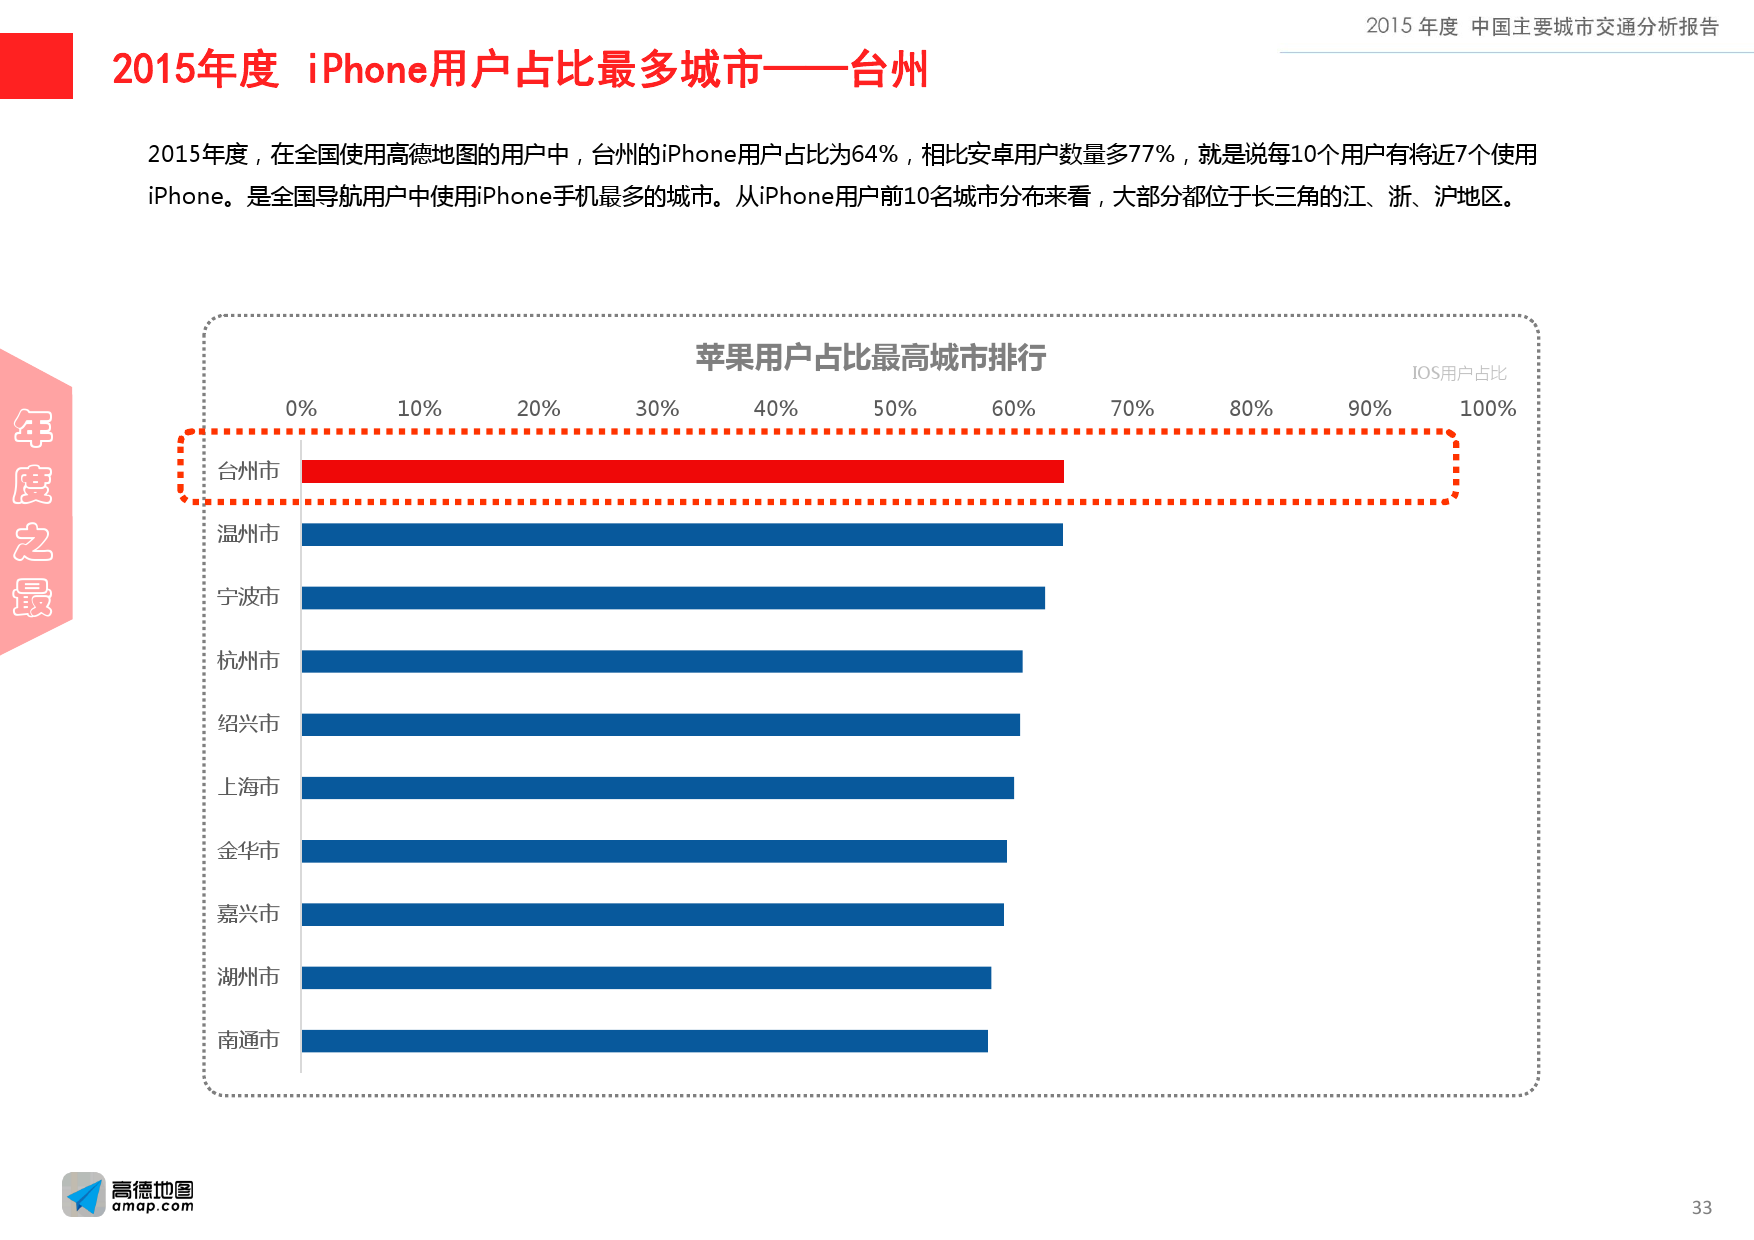 2015年度中国主要城市交通分析报告-final_000033